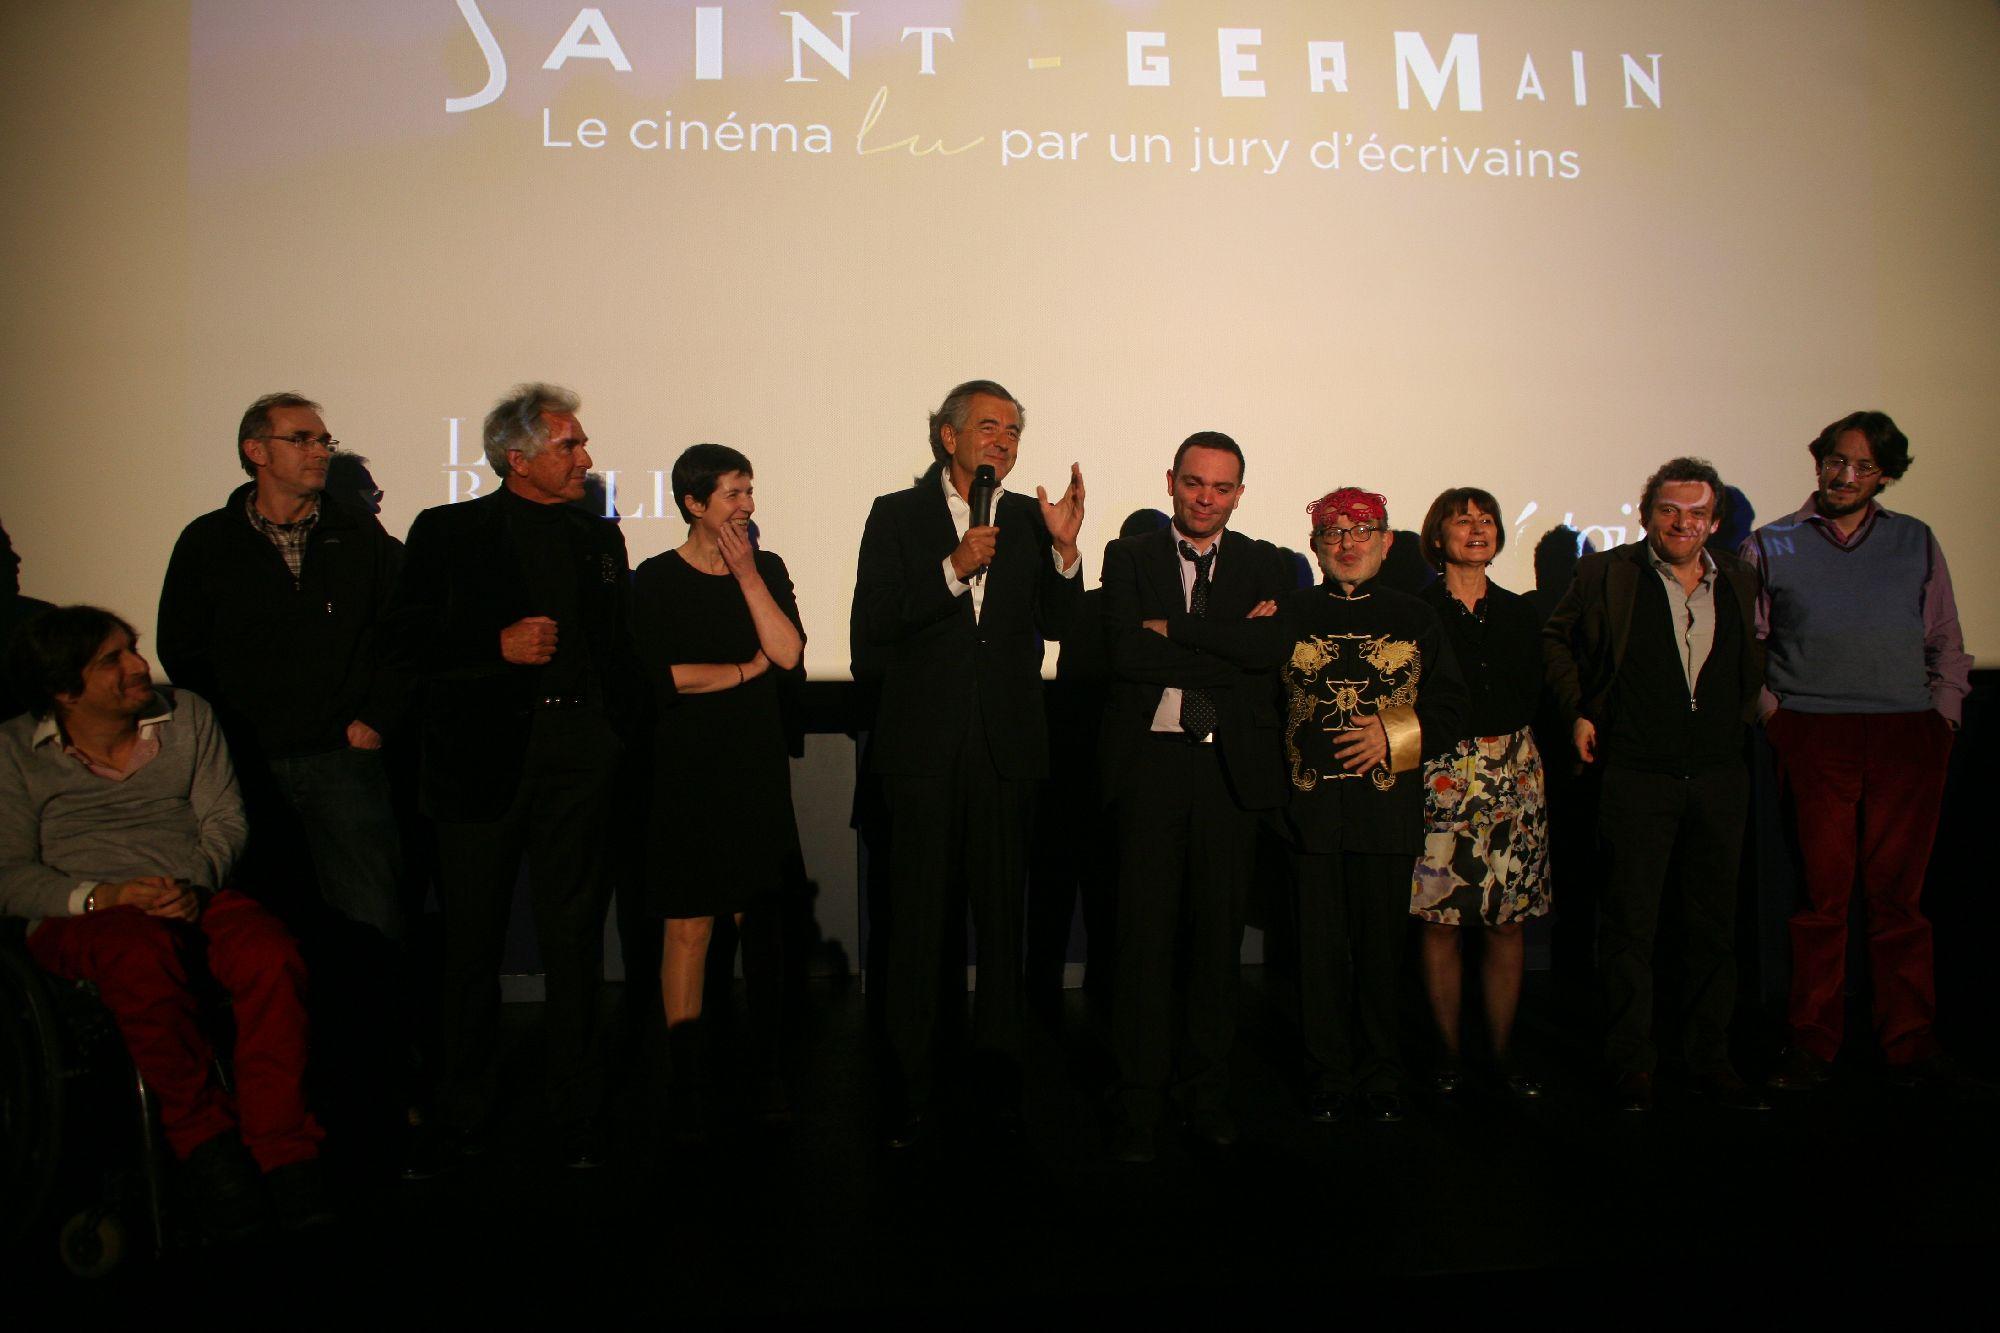 Les-membres-du-jury-cloturent-la-soiree-de-remise-du-prix-Saint-Germain